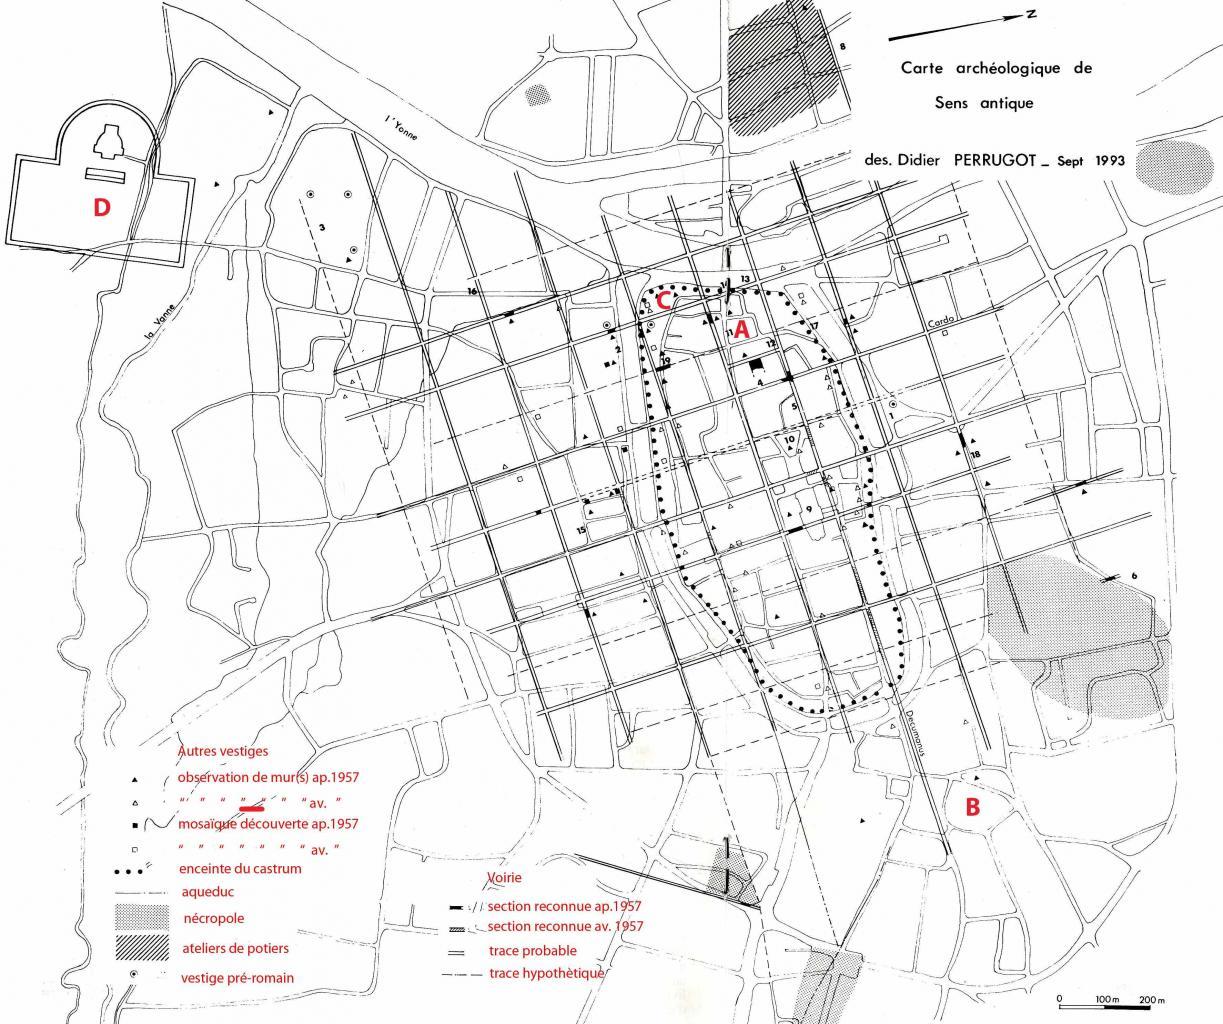 Histoire de sens ville d 39 yonne for Plan de sens dans l yonne